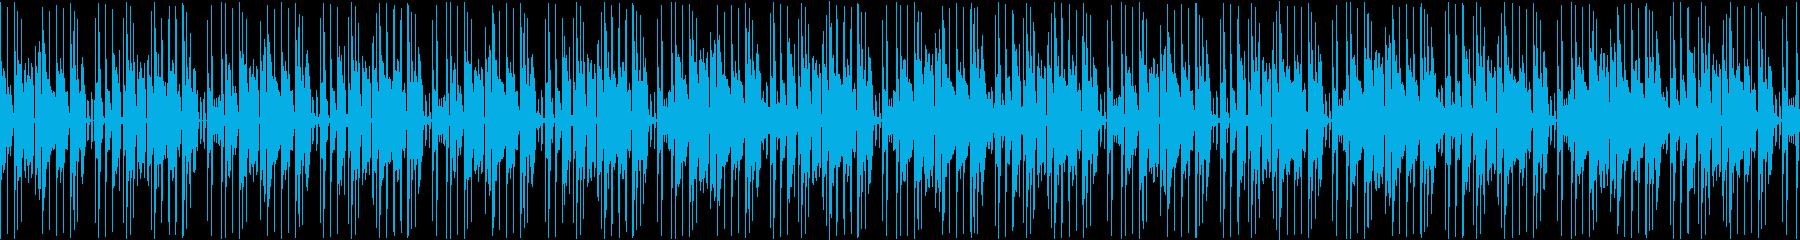 (ループ仕様)怪しさ漂うBGMの再生済みの波形